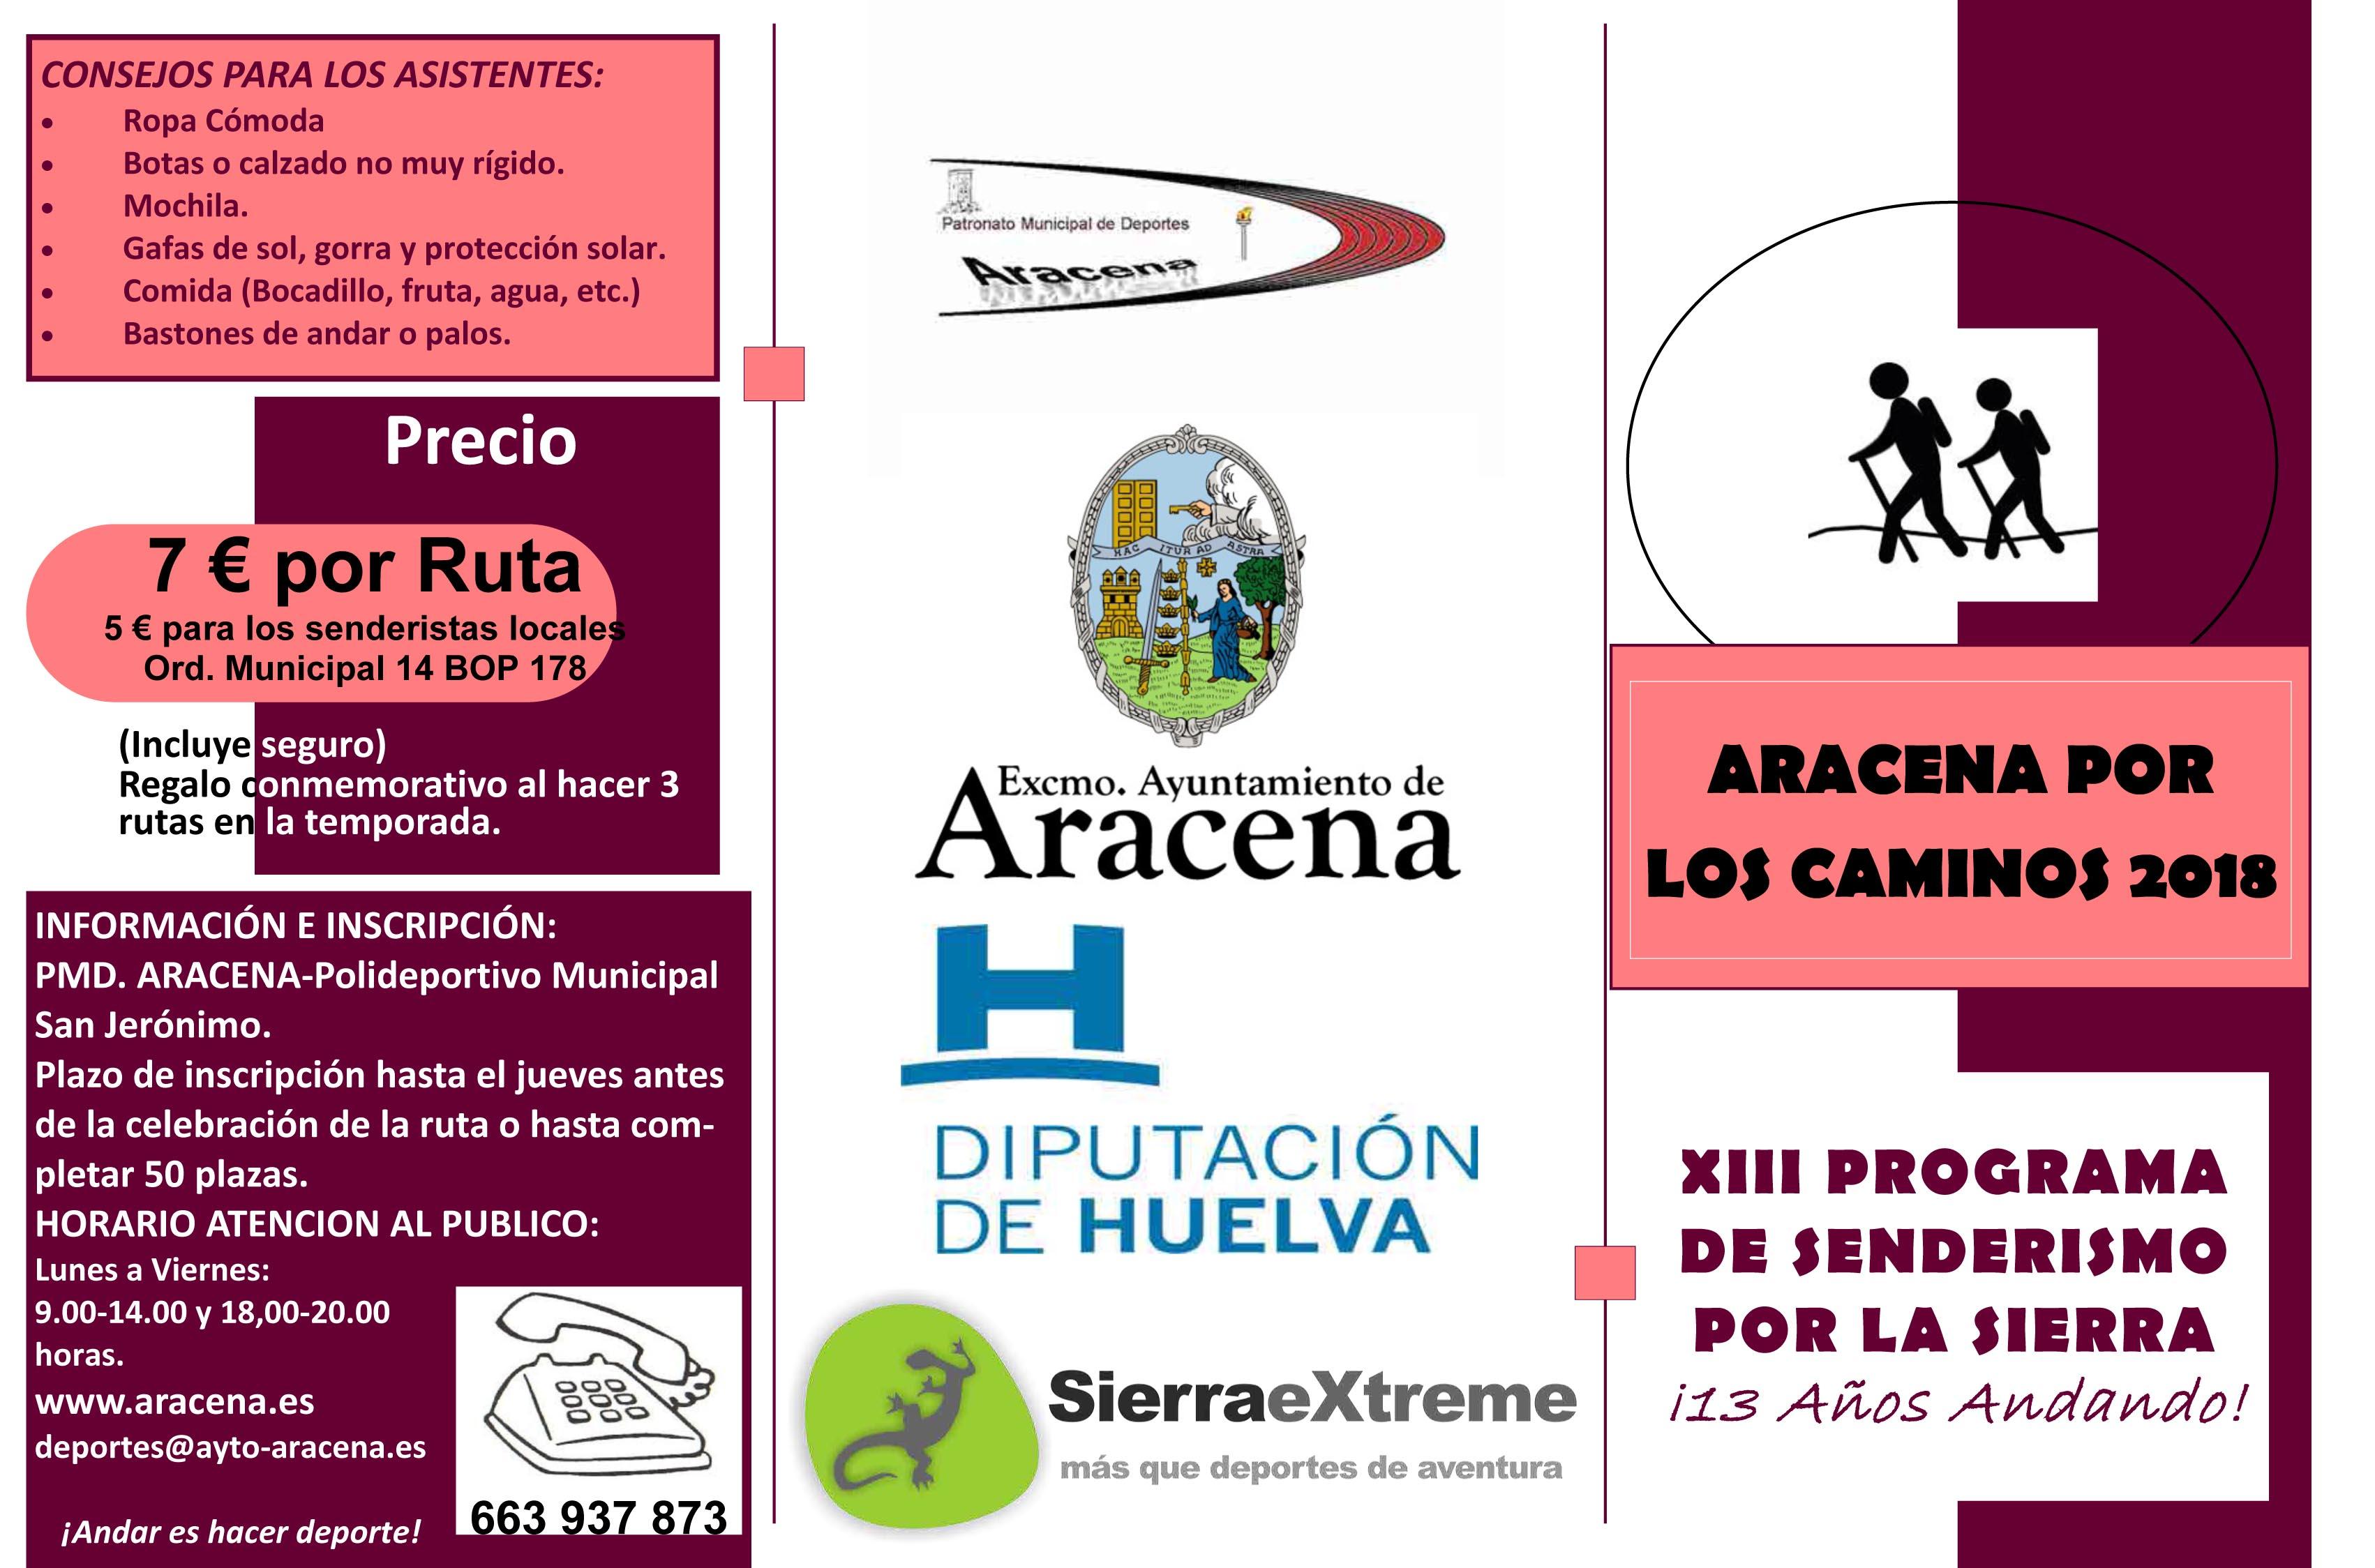 ARACENA POR LO CAMINOS 2018-1